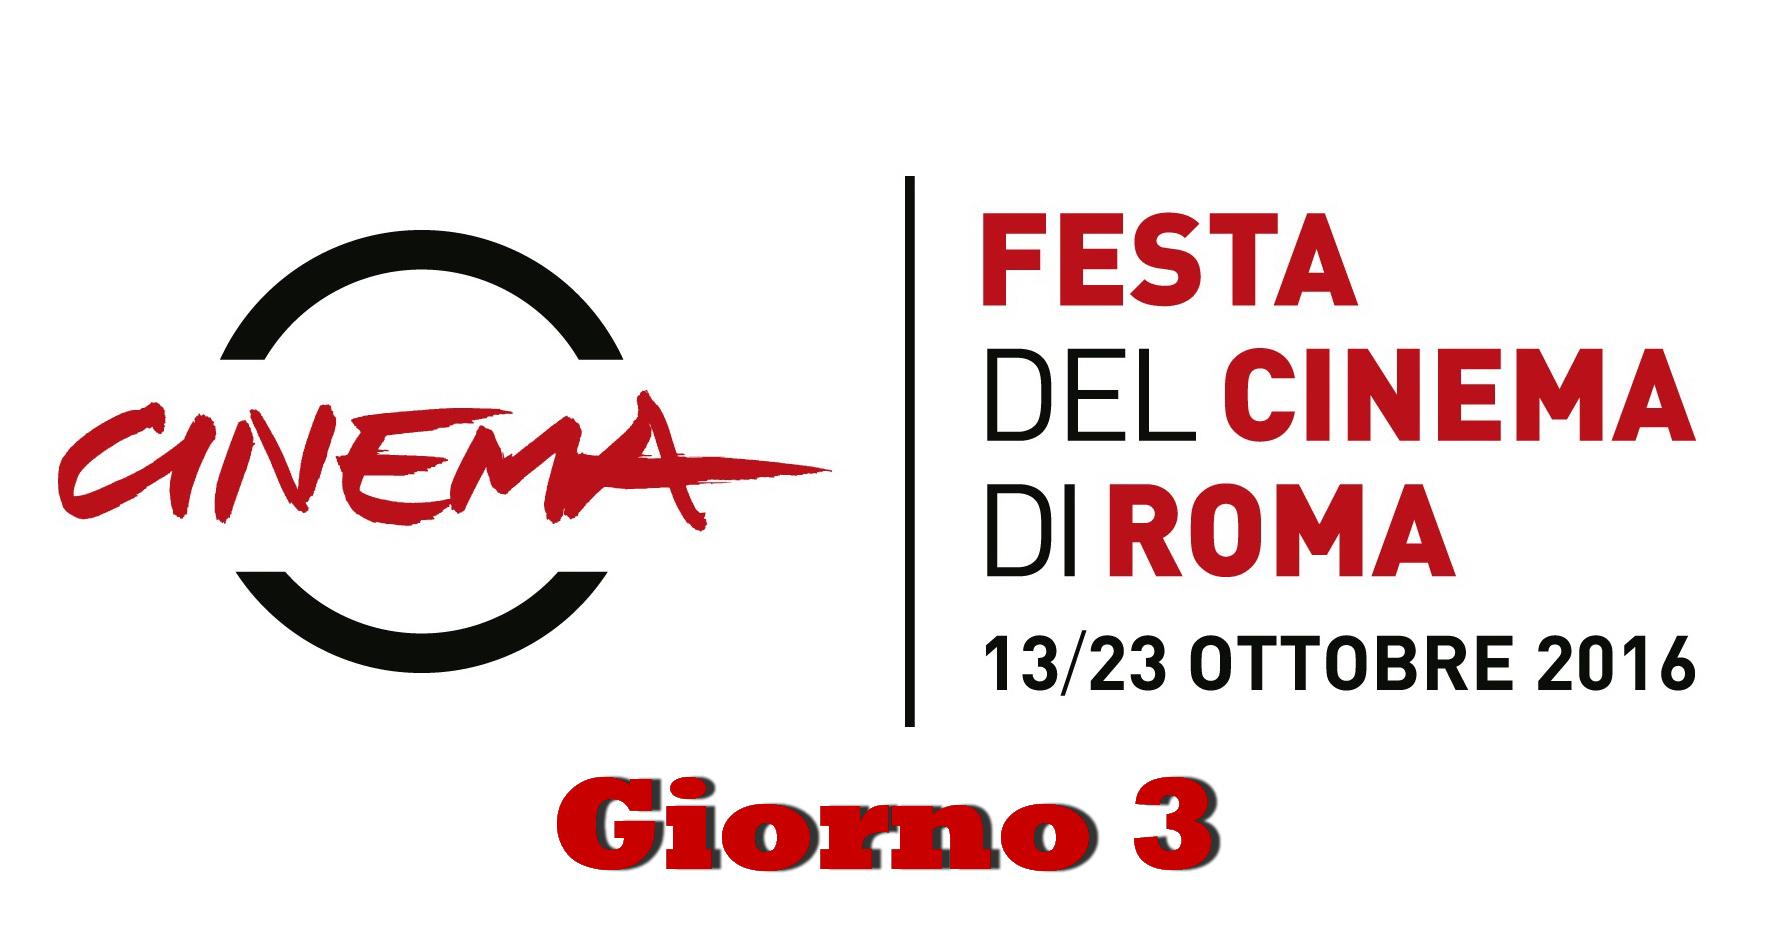 Anche questa intensa terzagiornata dell'11a Festa del Cinema di Roma si è conclusa, vediamo tutto quello che è accaduto. All'Auditorium Parco della Musicaè sbarcato il primo film italiano in concorso, […]